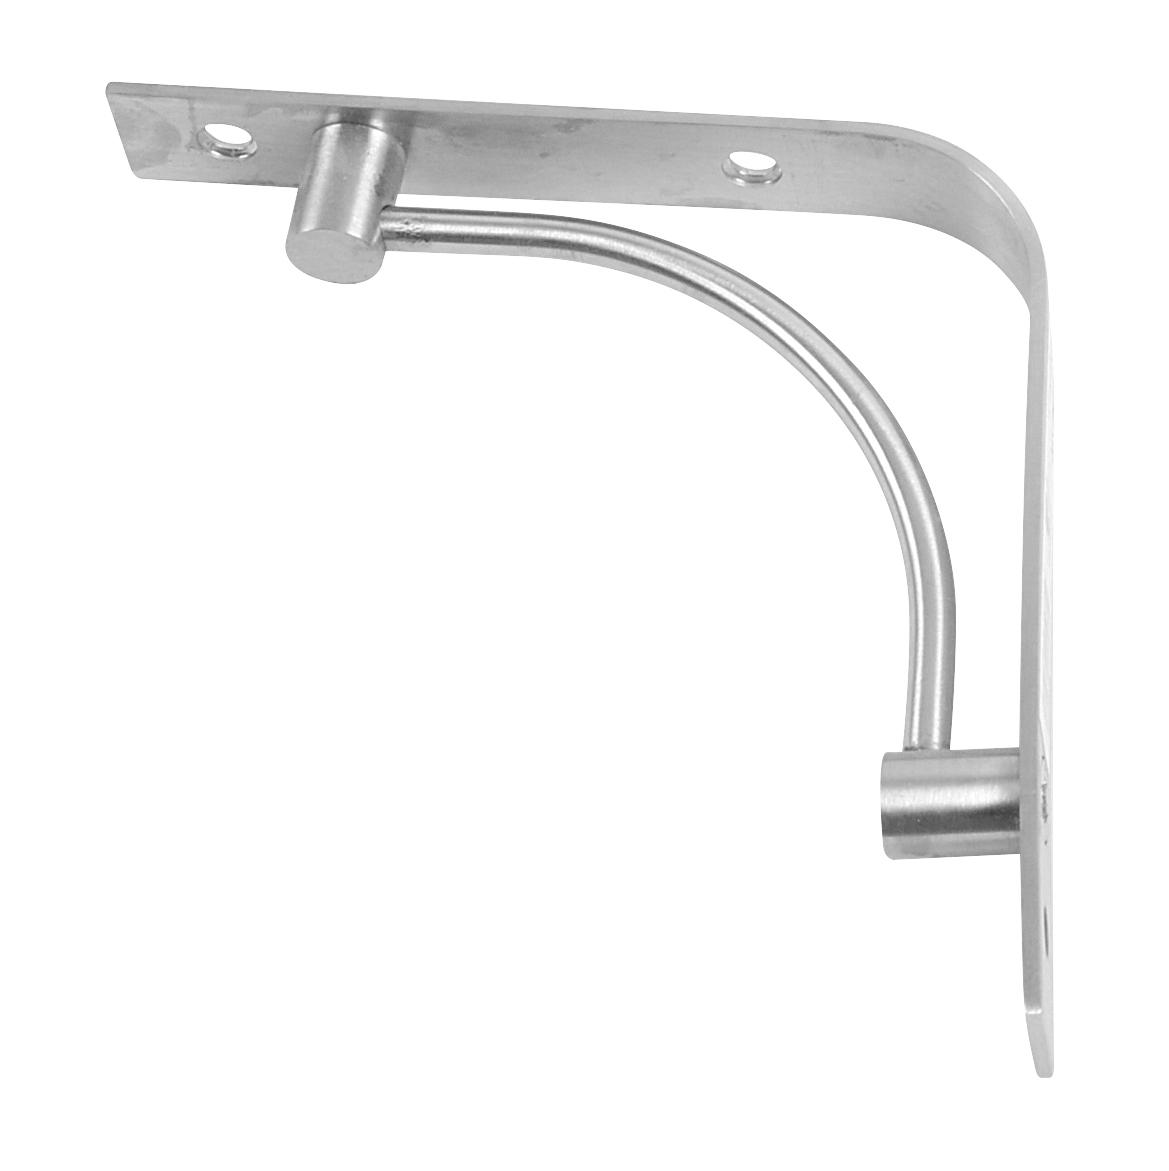 Hyldeknægt Circle 125x125 mm. - rustfri stål